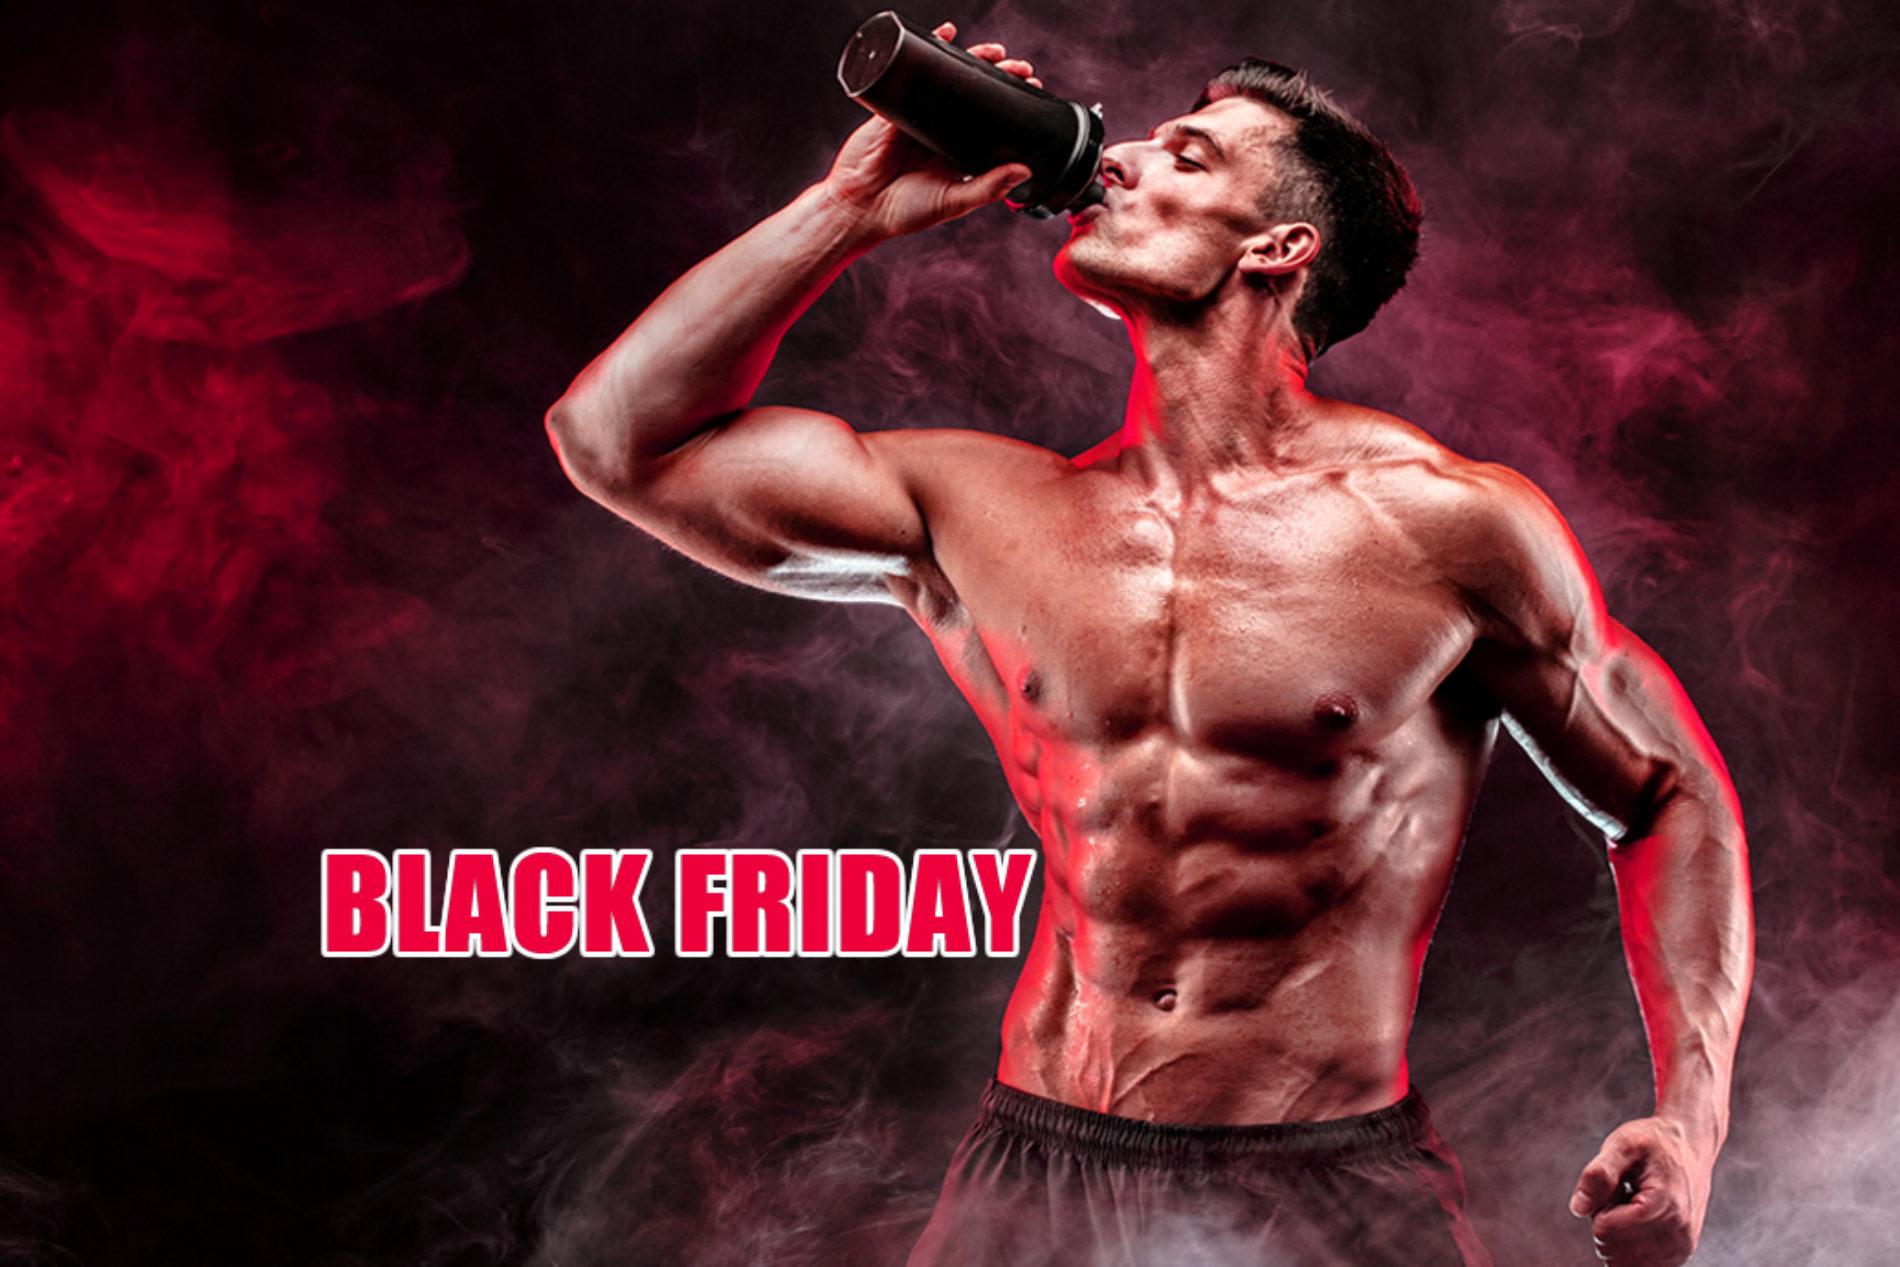 Suplementos na Black Friday 2019, melhores ofertas!